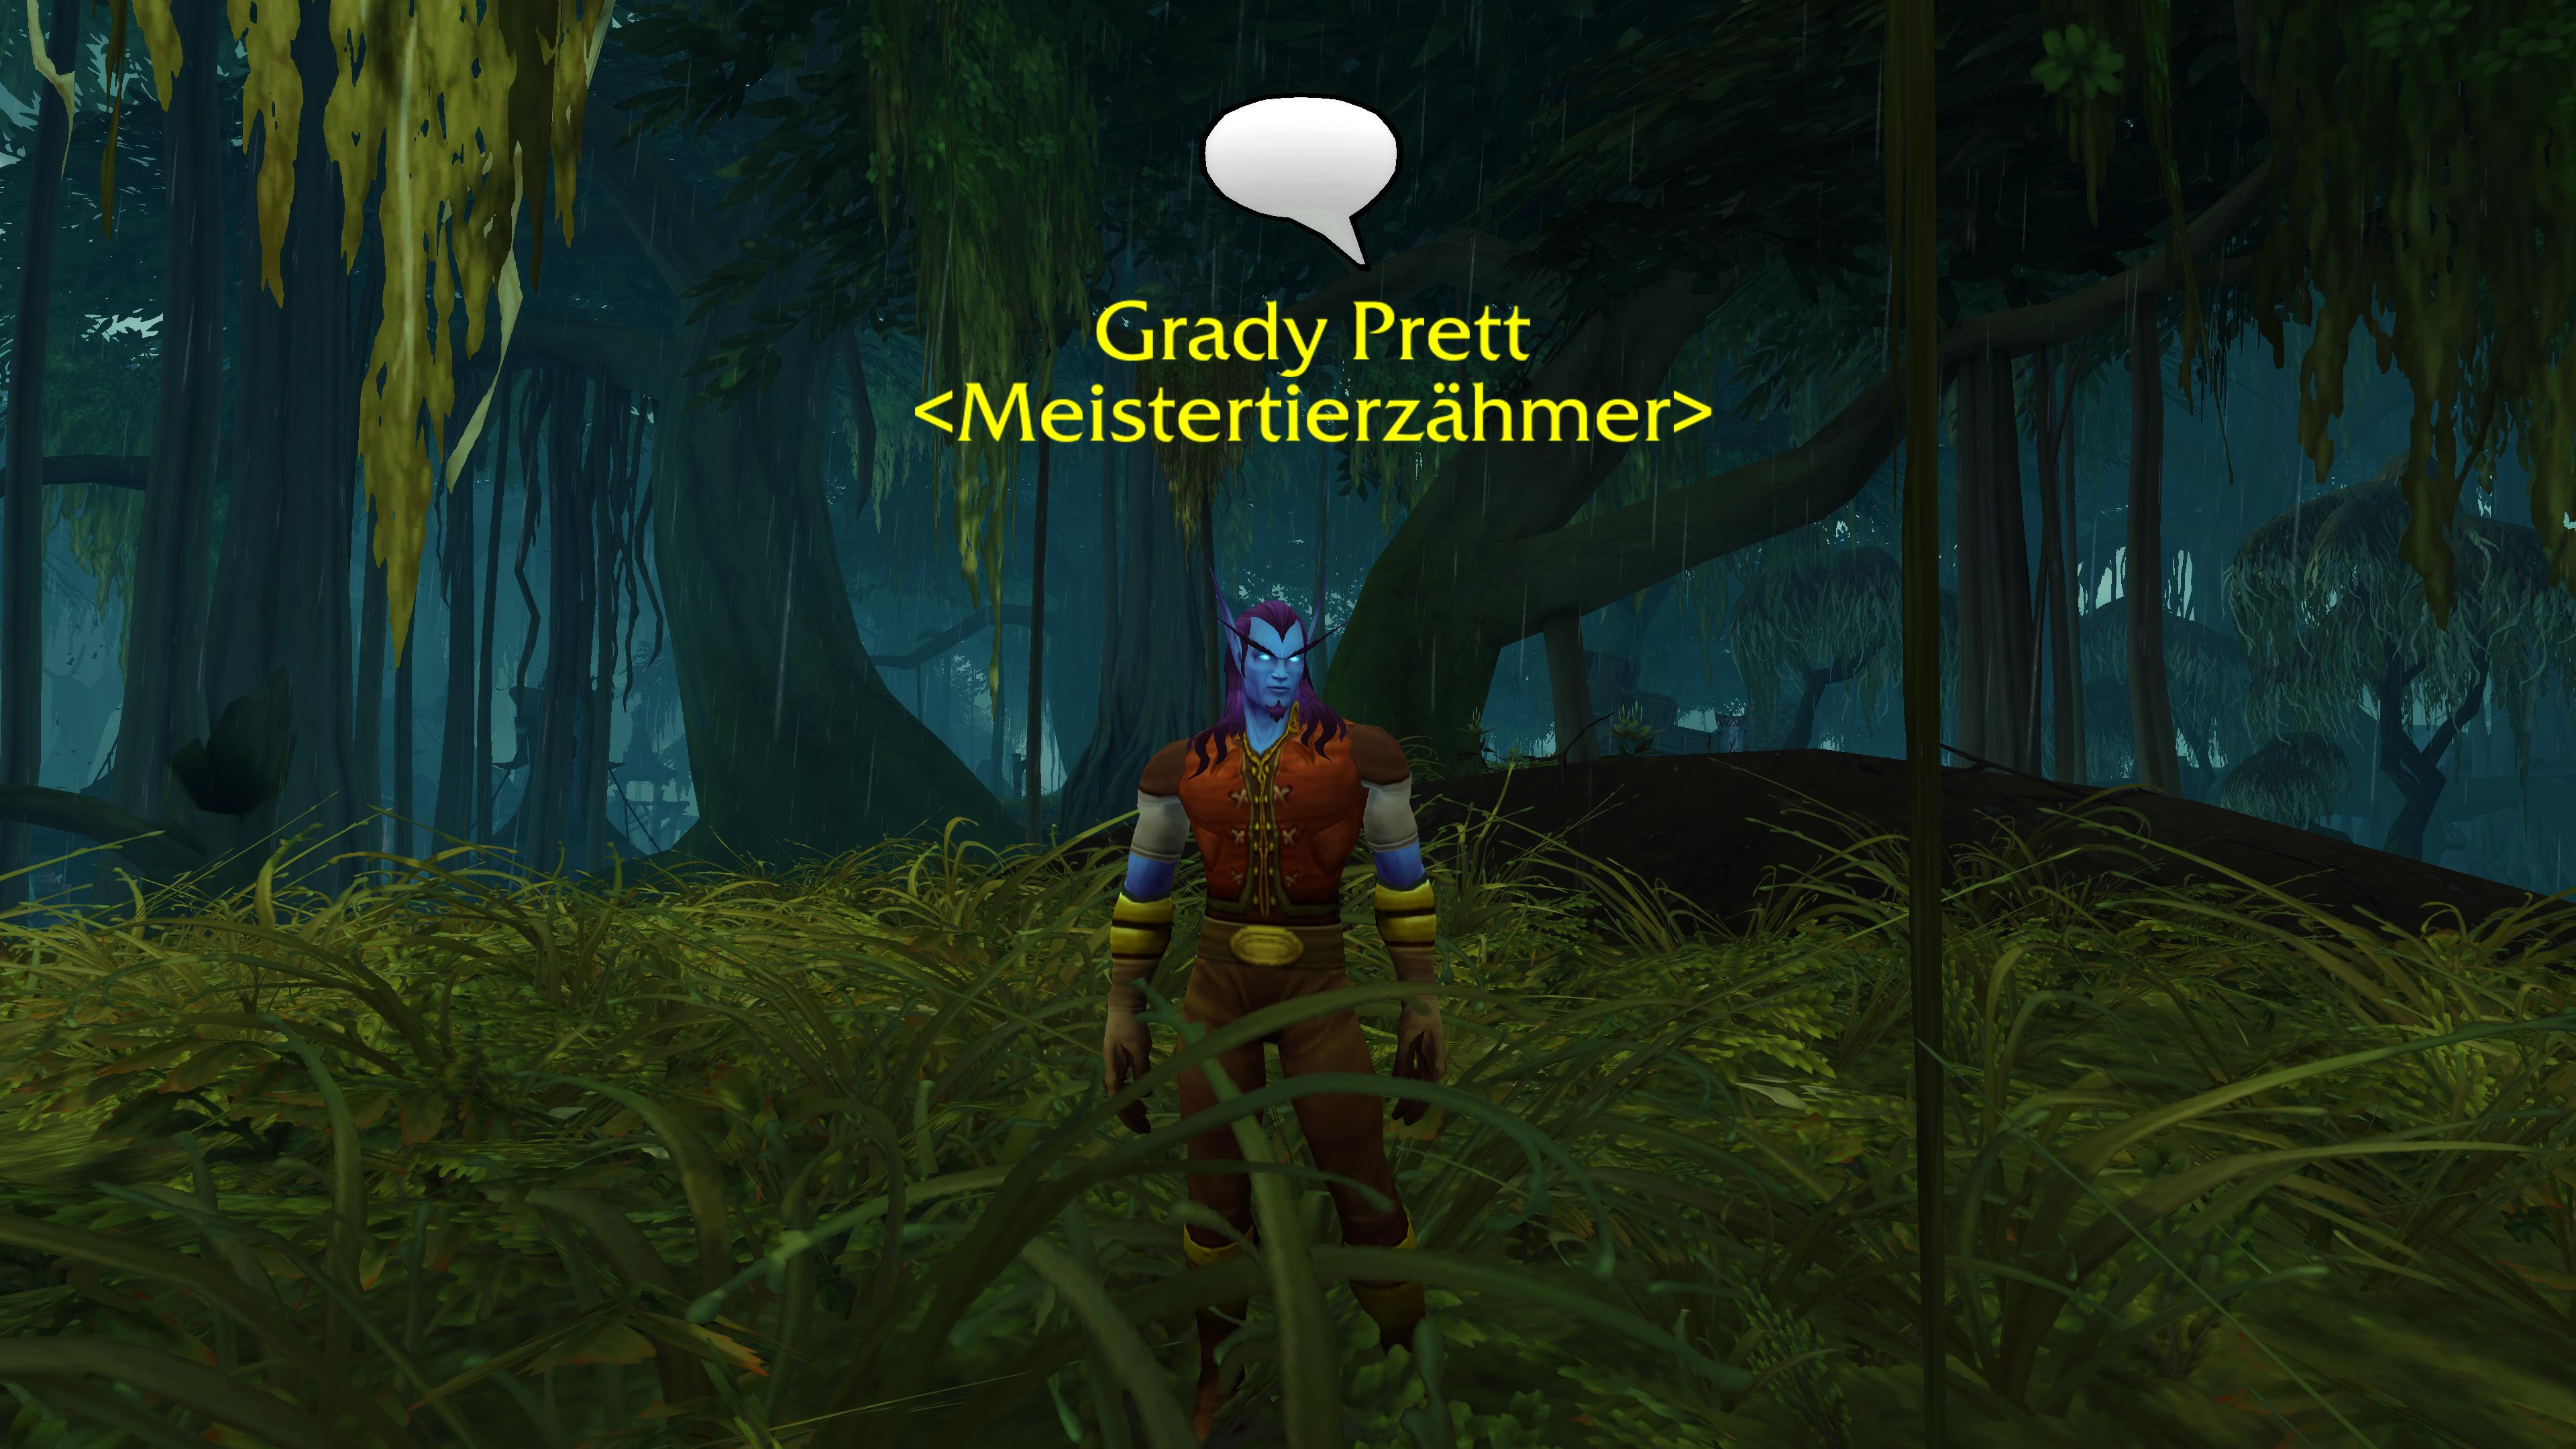 WoW Grady Prett Guide